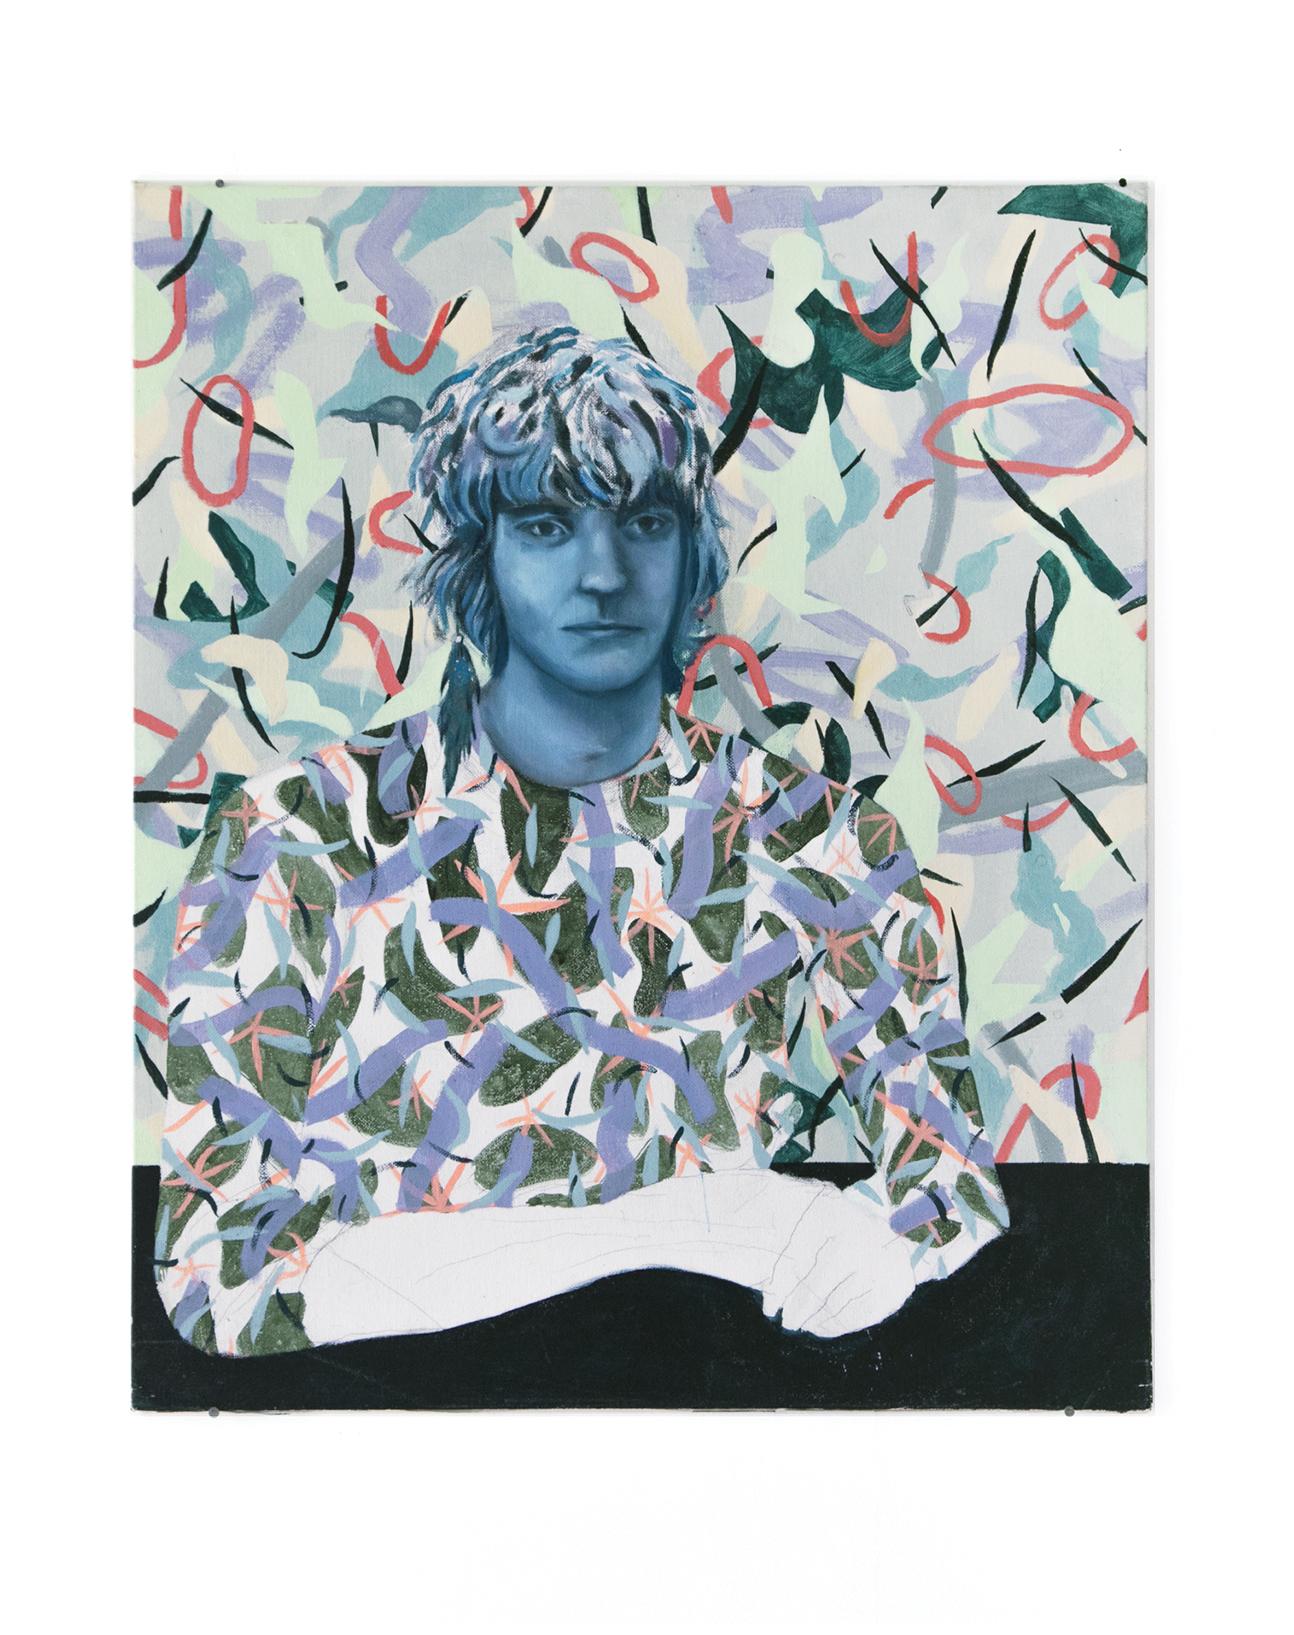 Théo - Peinture à l'huile et acrylique sur carton - 80 x 65 cm - 2017